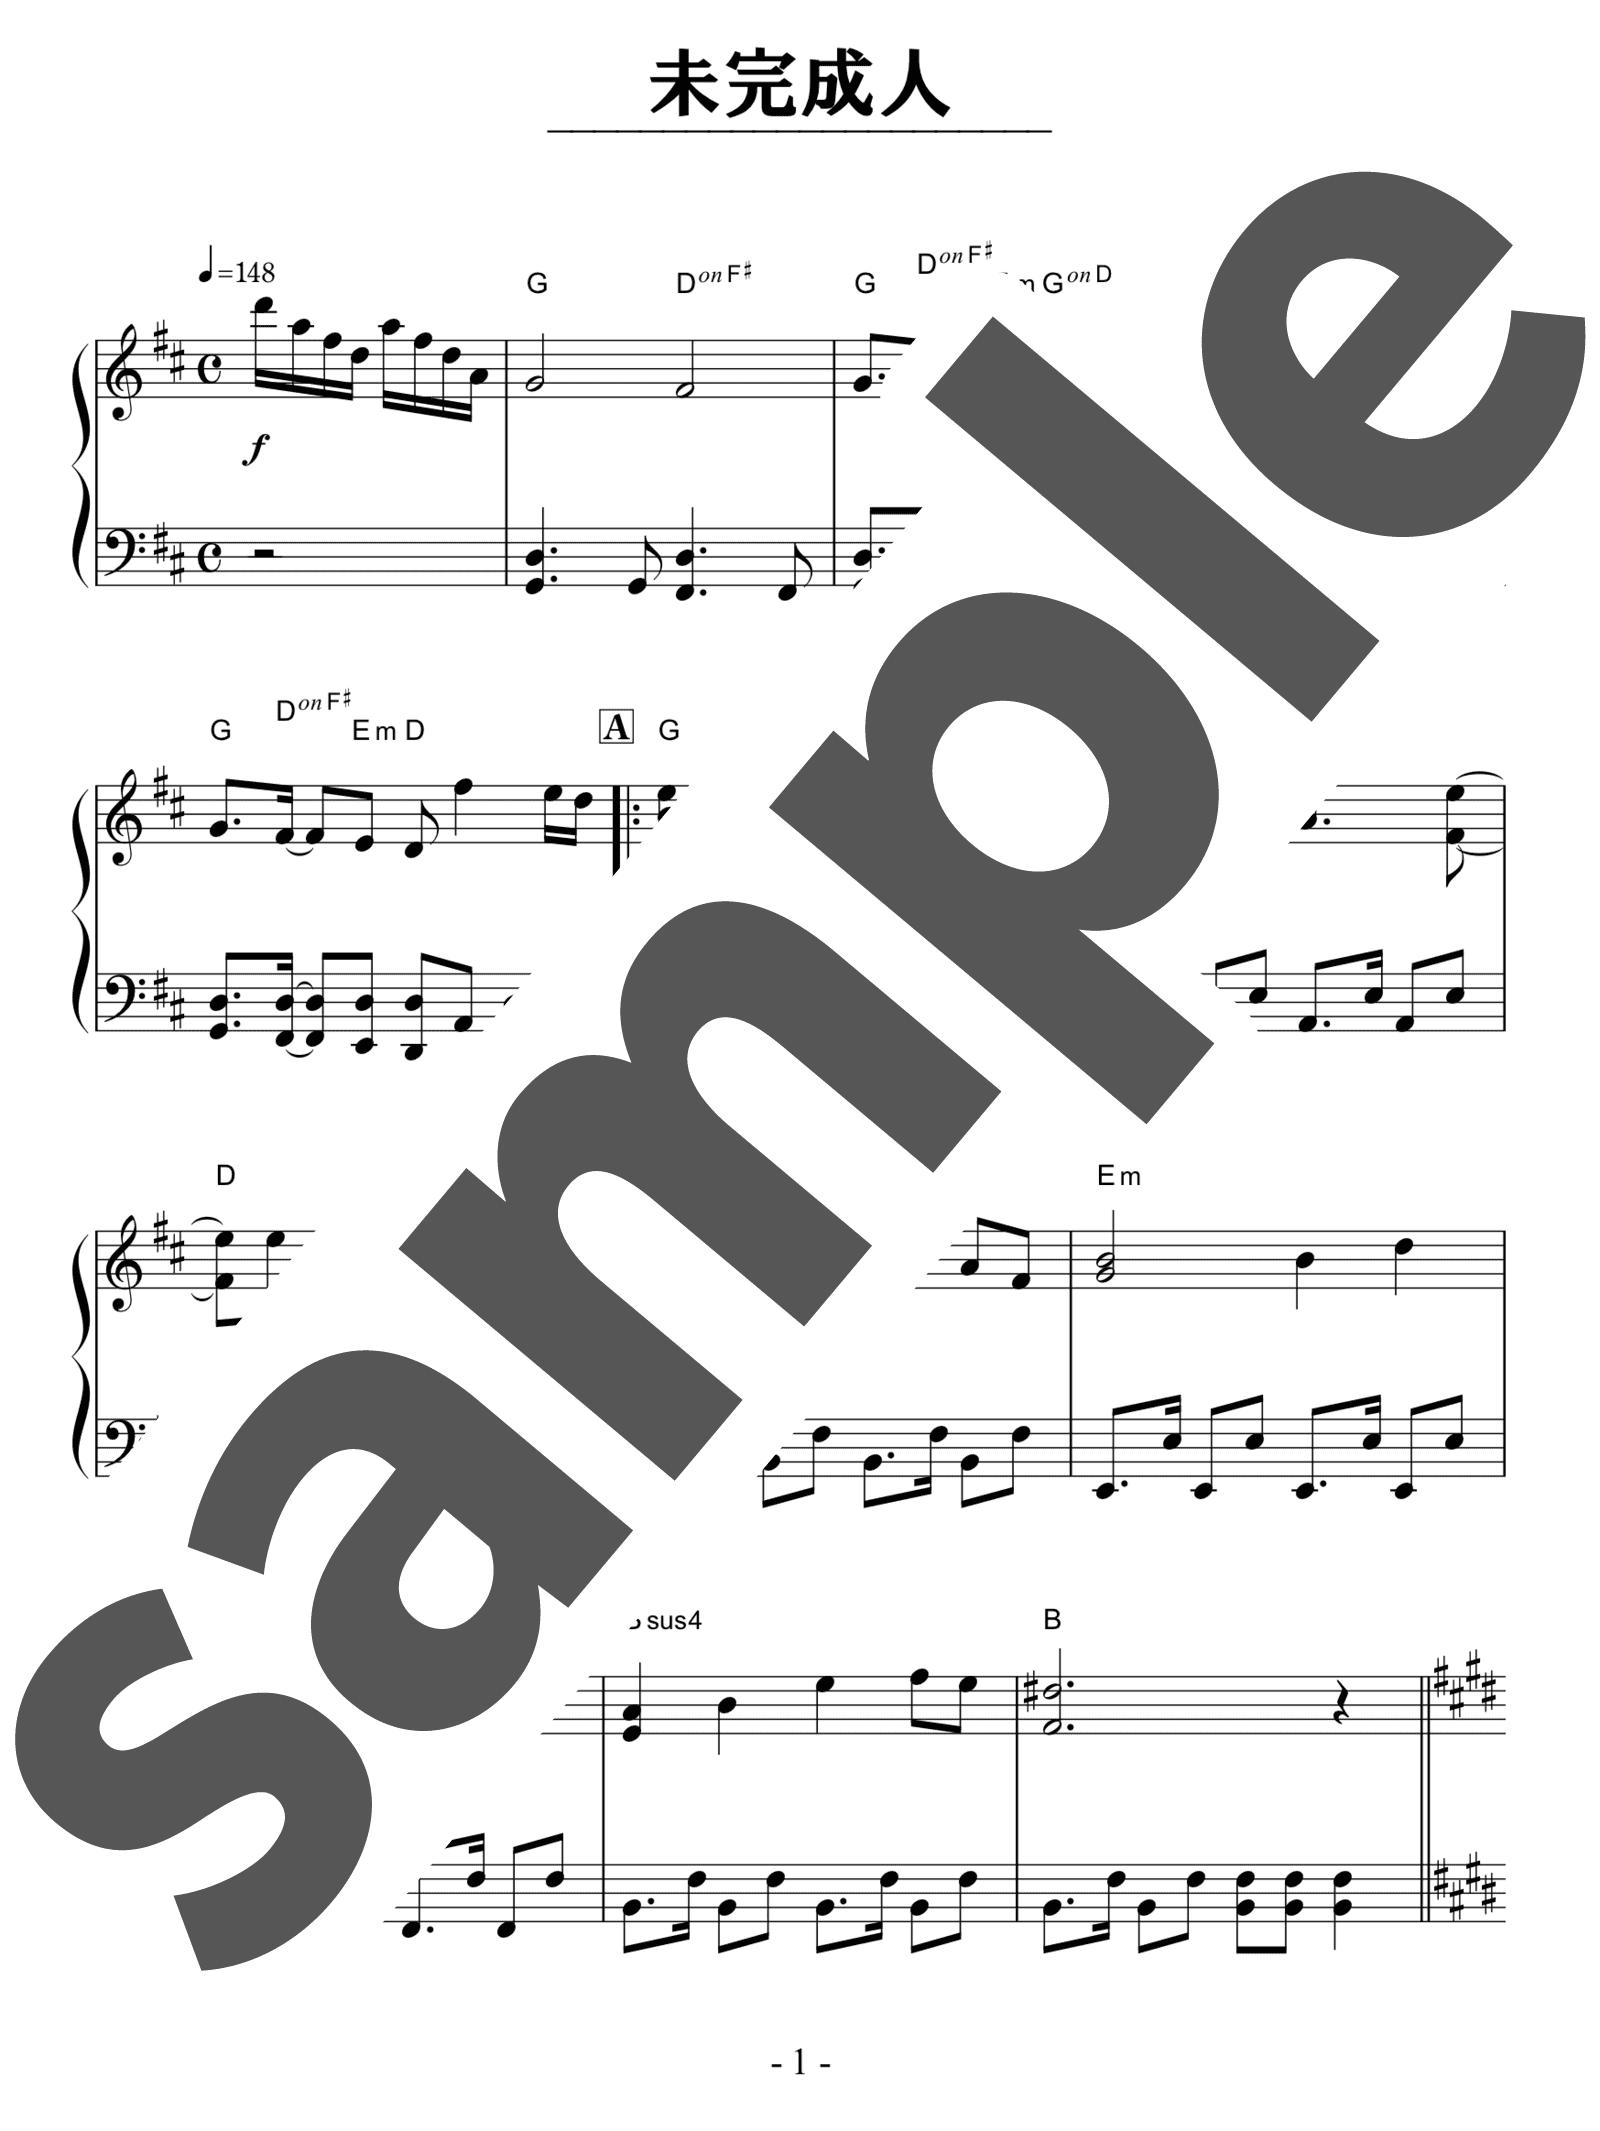 「未完成人」のサンプル楽譜